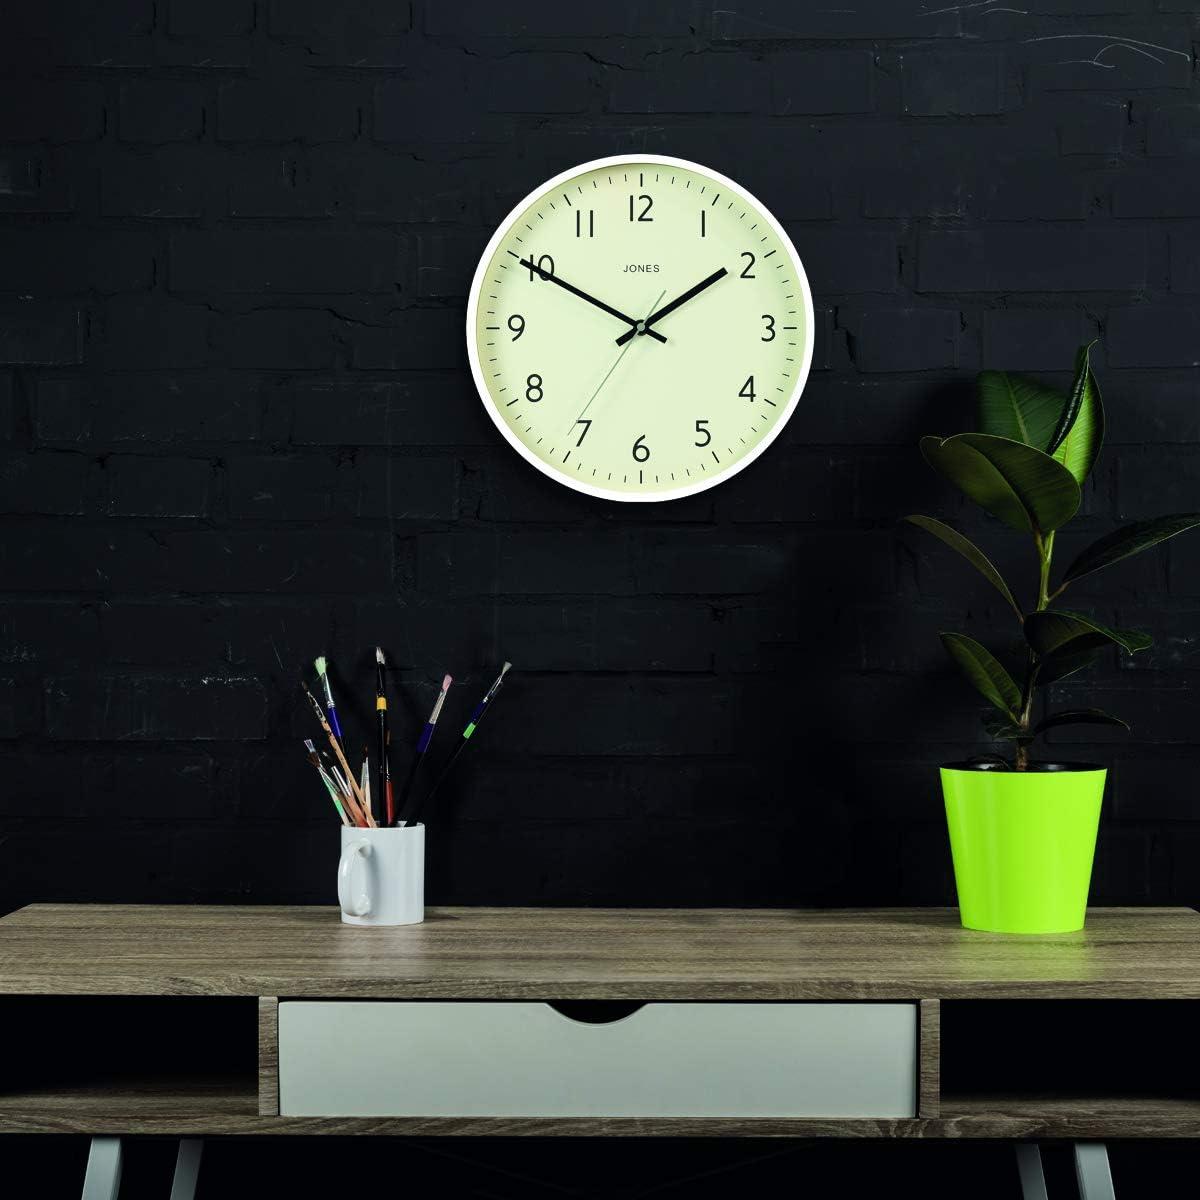 Turquoise JONES CLOCKS /® Monture en Couleur cr/ème et Aiguilles Noires 30 cm Horloge Murale Studio